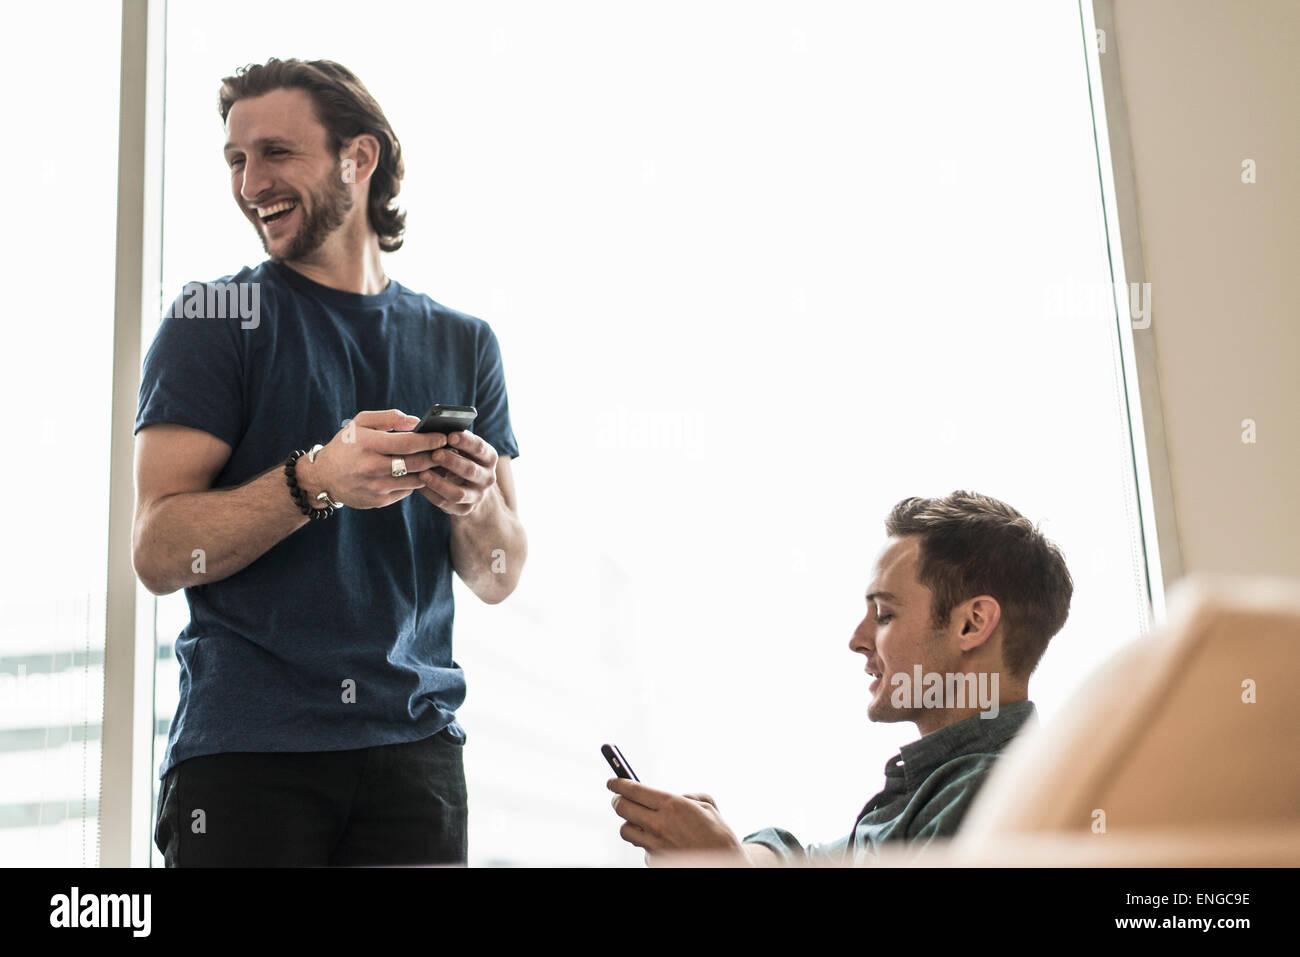 Deux hommes dans un bureau, la vérification de leurs téléphones intelligents. L'un à la Photo Stock